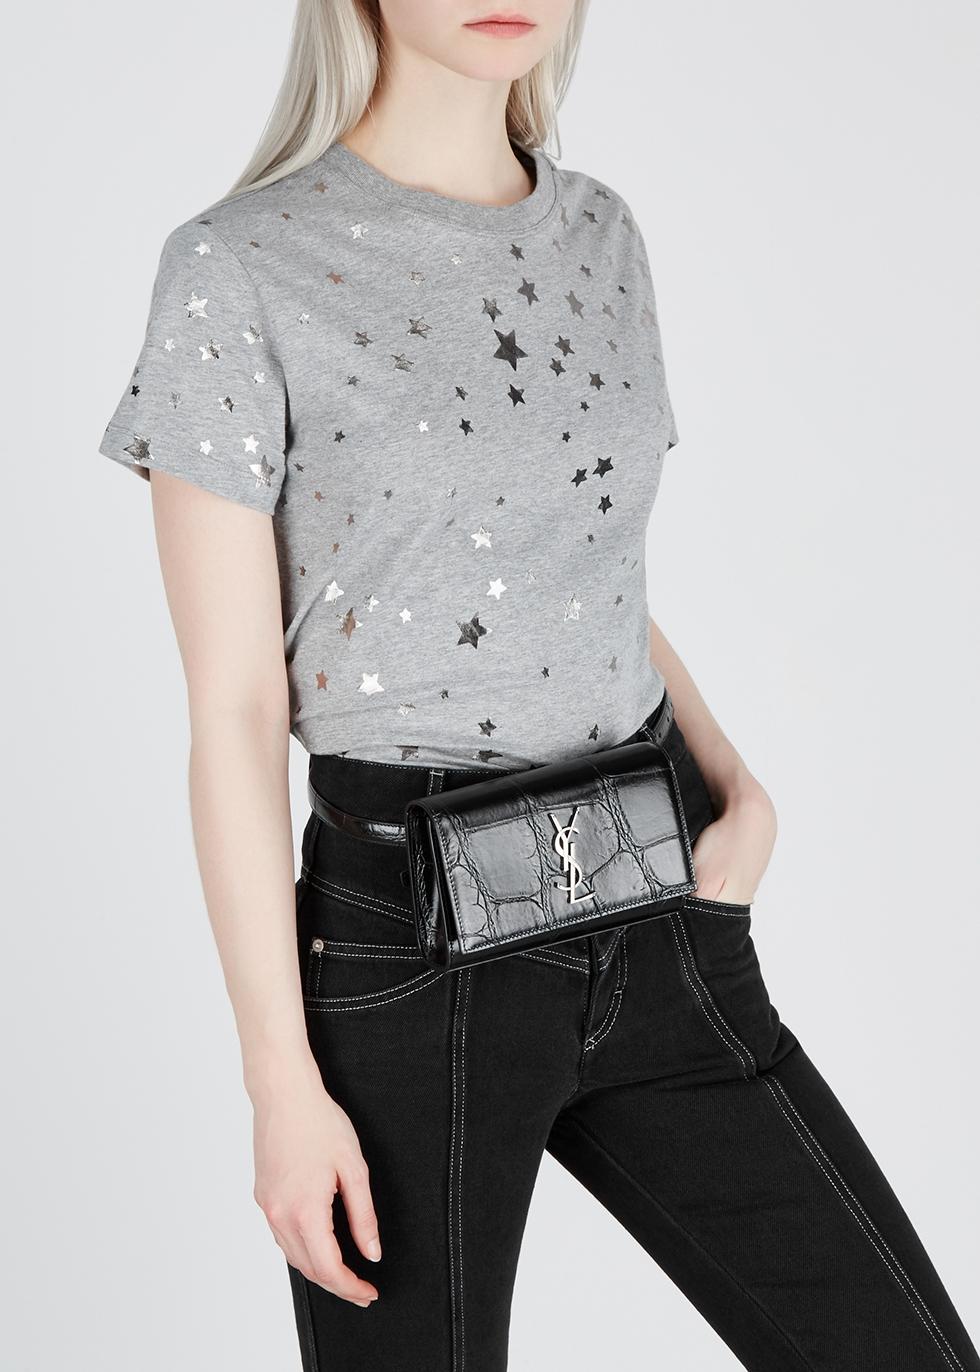 Saint Laurent Kate Maxi crocodile-effect leather belt bag - Harvey ... d690f1ece74a0